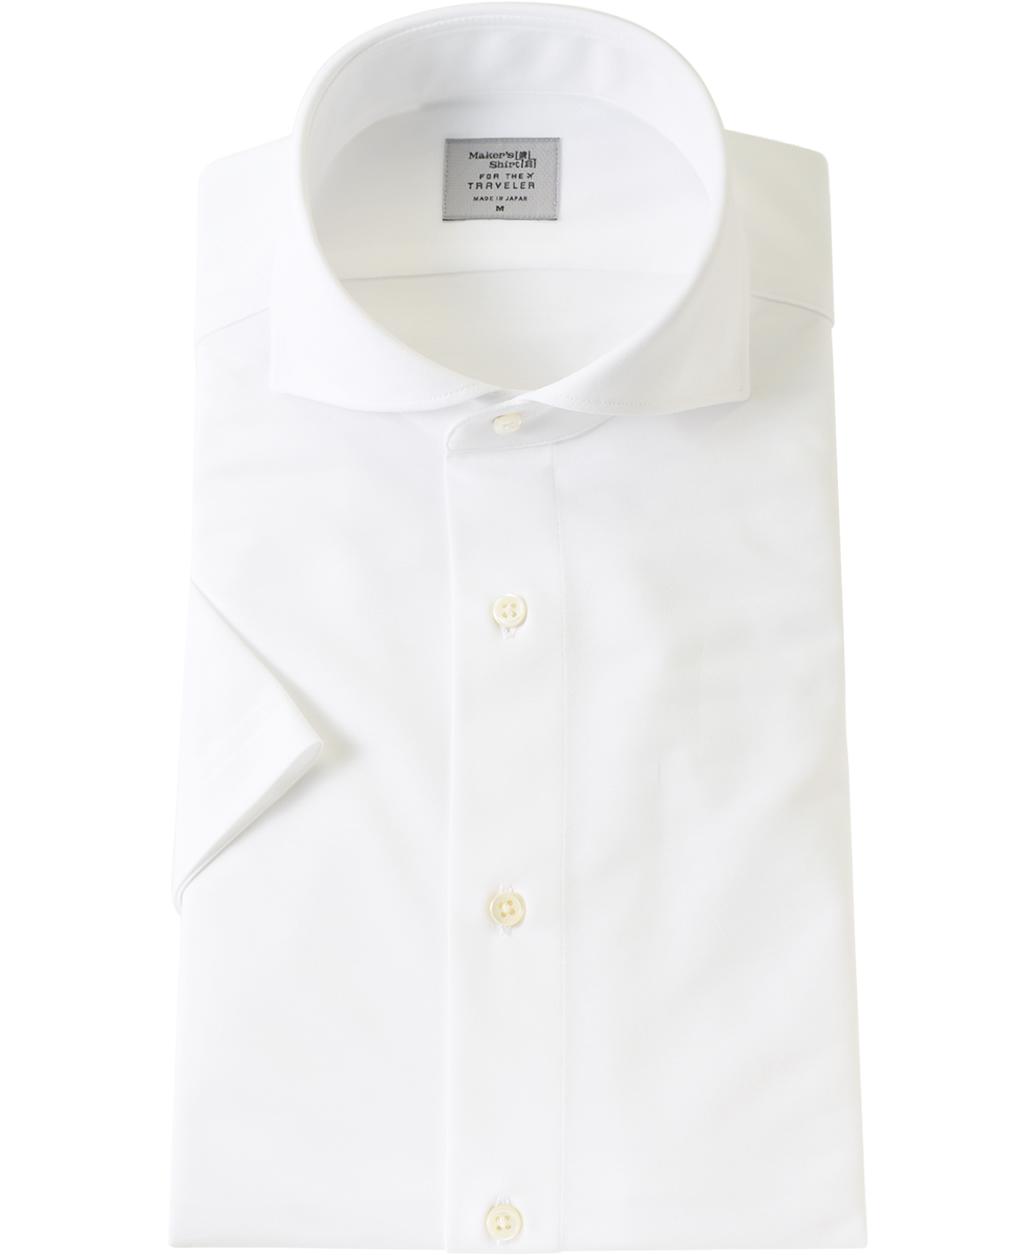 ★カッタウェイカラーのニットシャツ